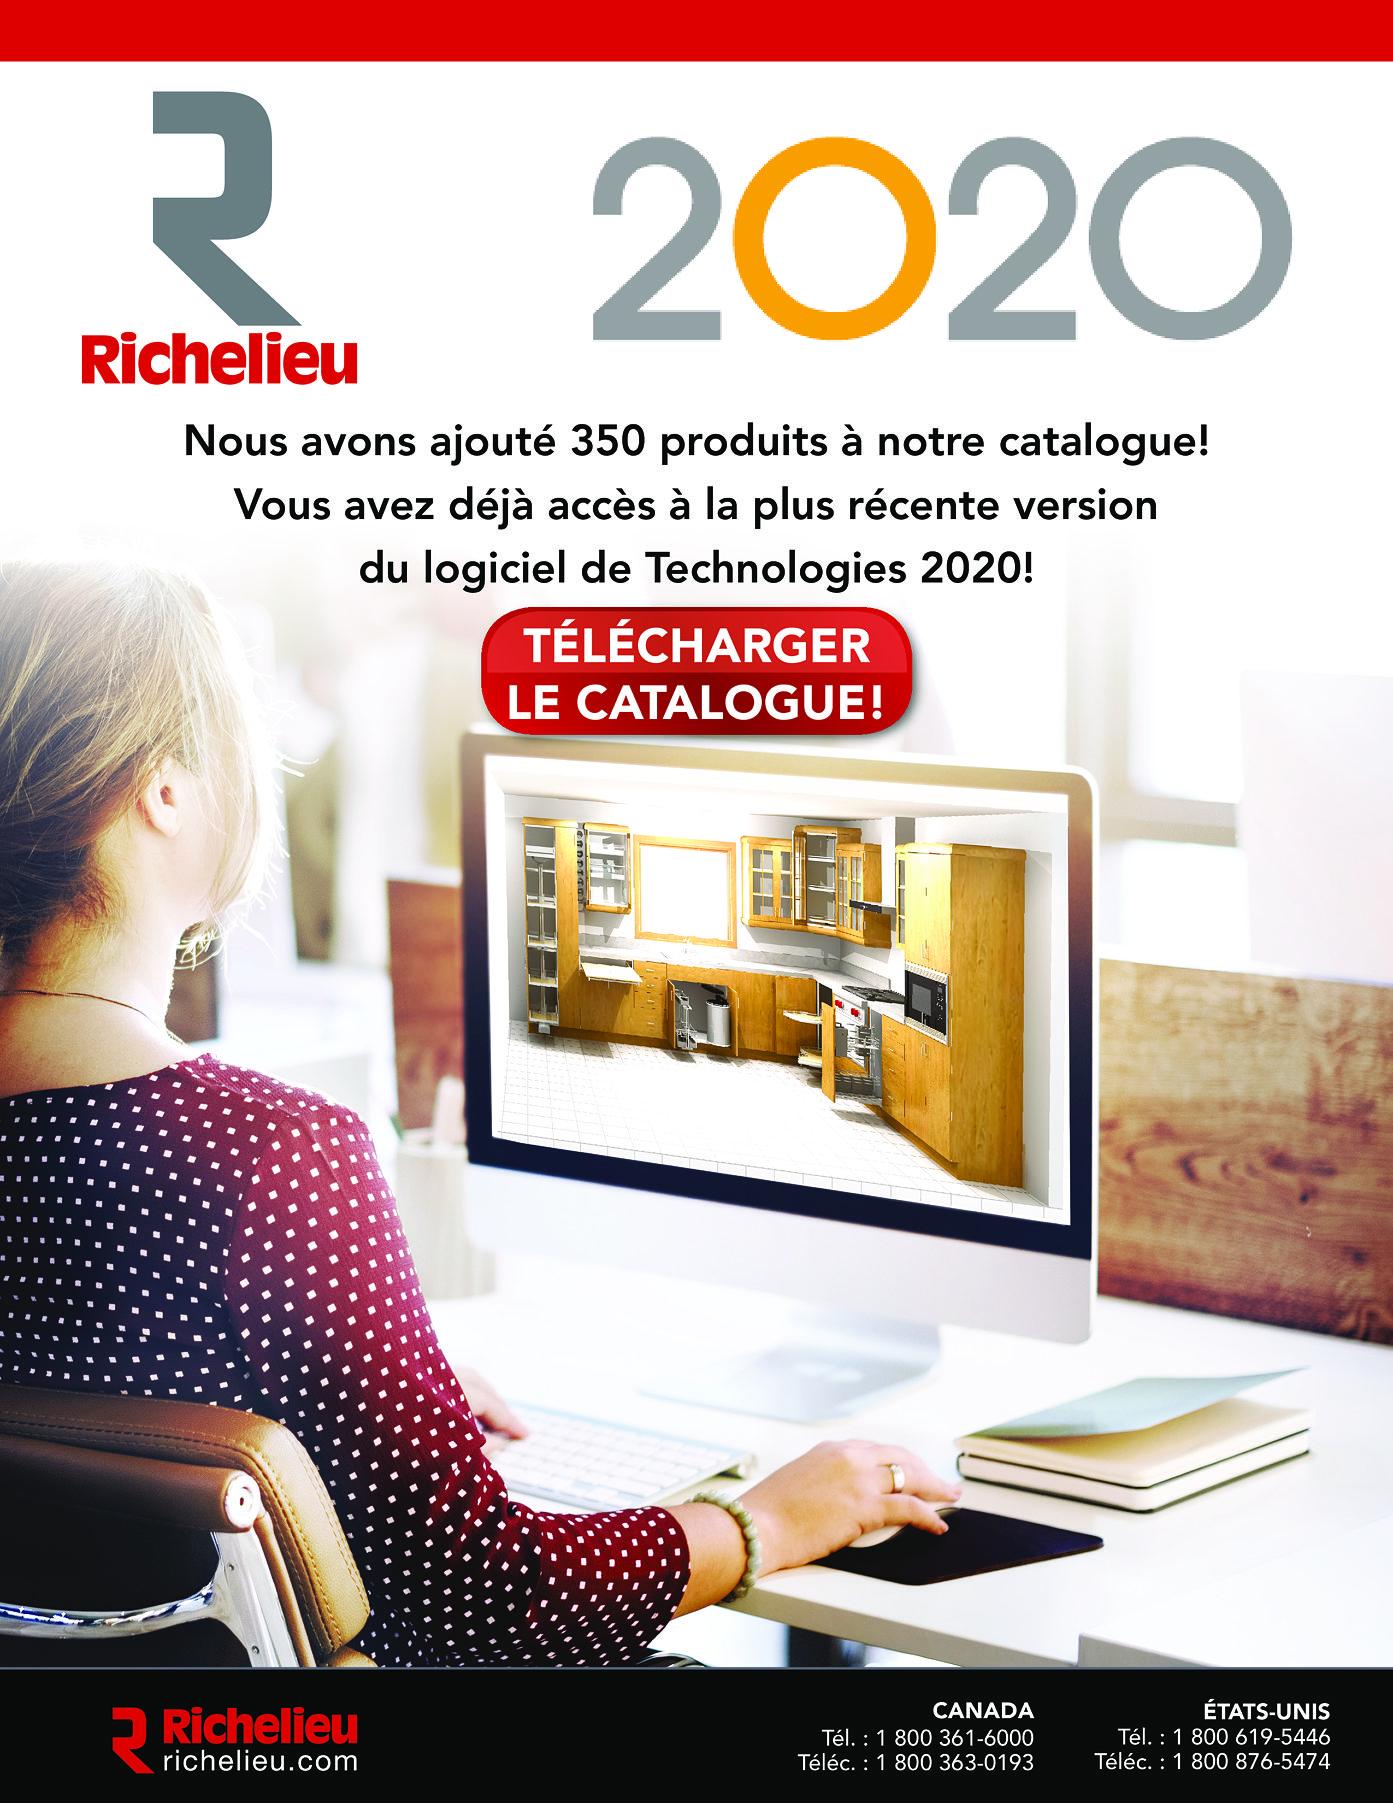 librairie des catalogues richelieu catalogue 2020 page 1 quincaillerie richelieu. Black Bedroom Furniture Sets. Home Design Ideas